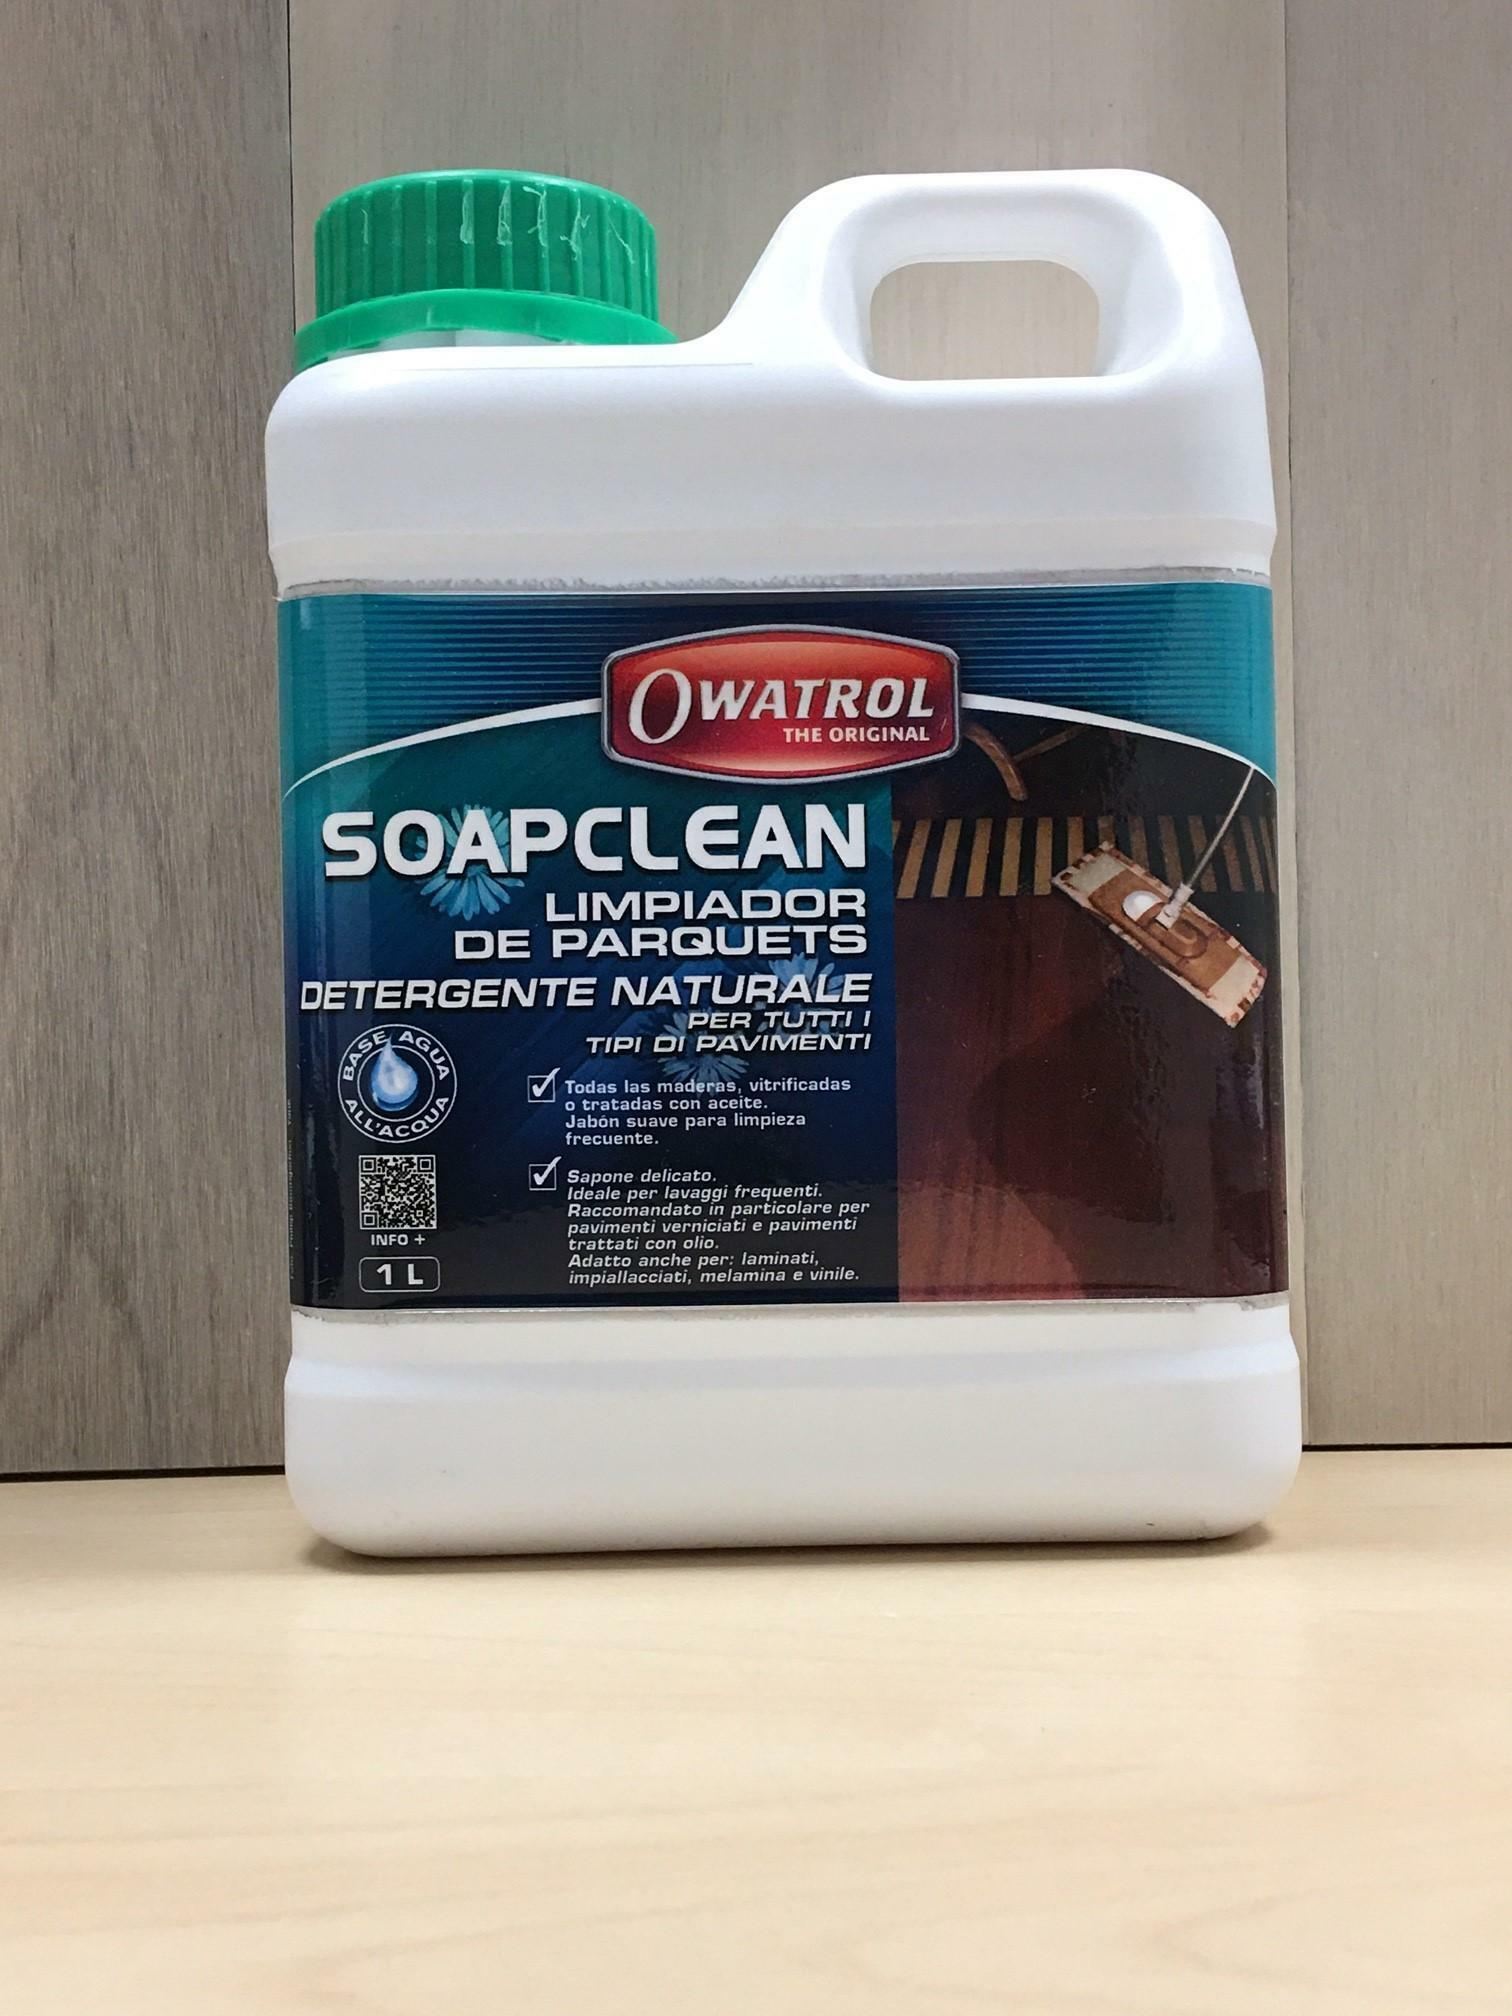 owatrol soapclean 1 lt sapone delicato per pavimenti in legno